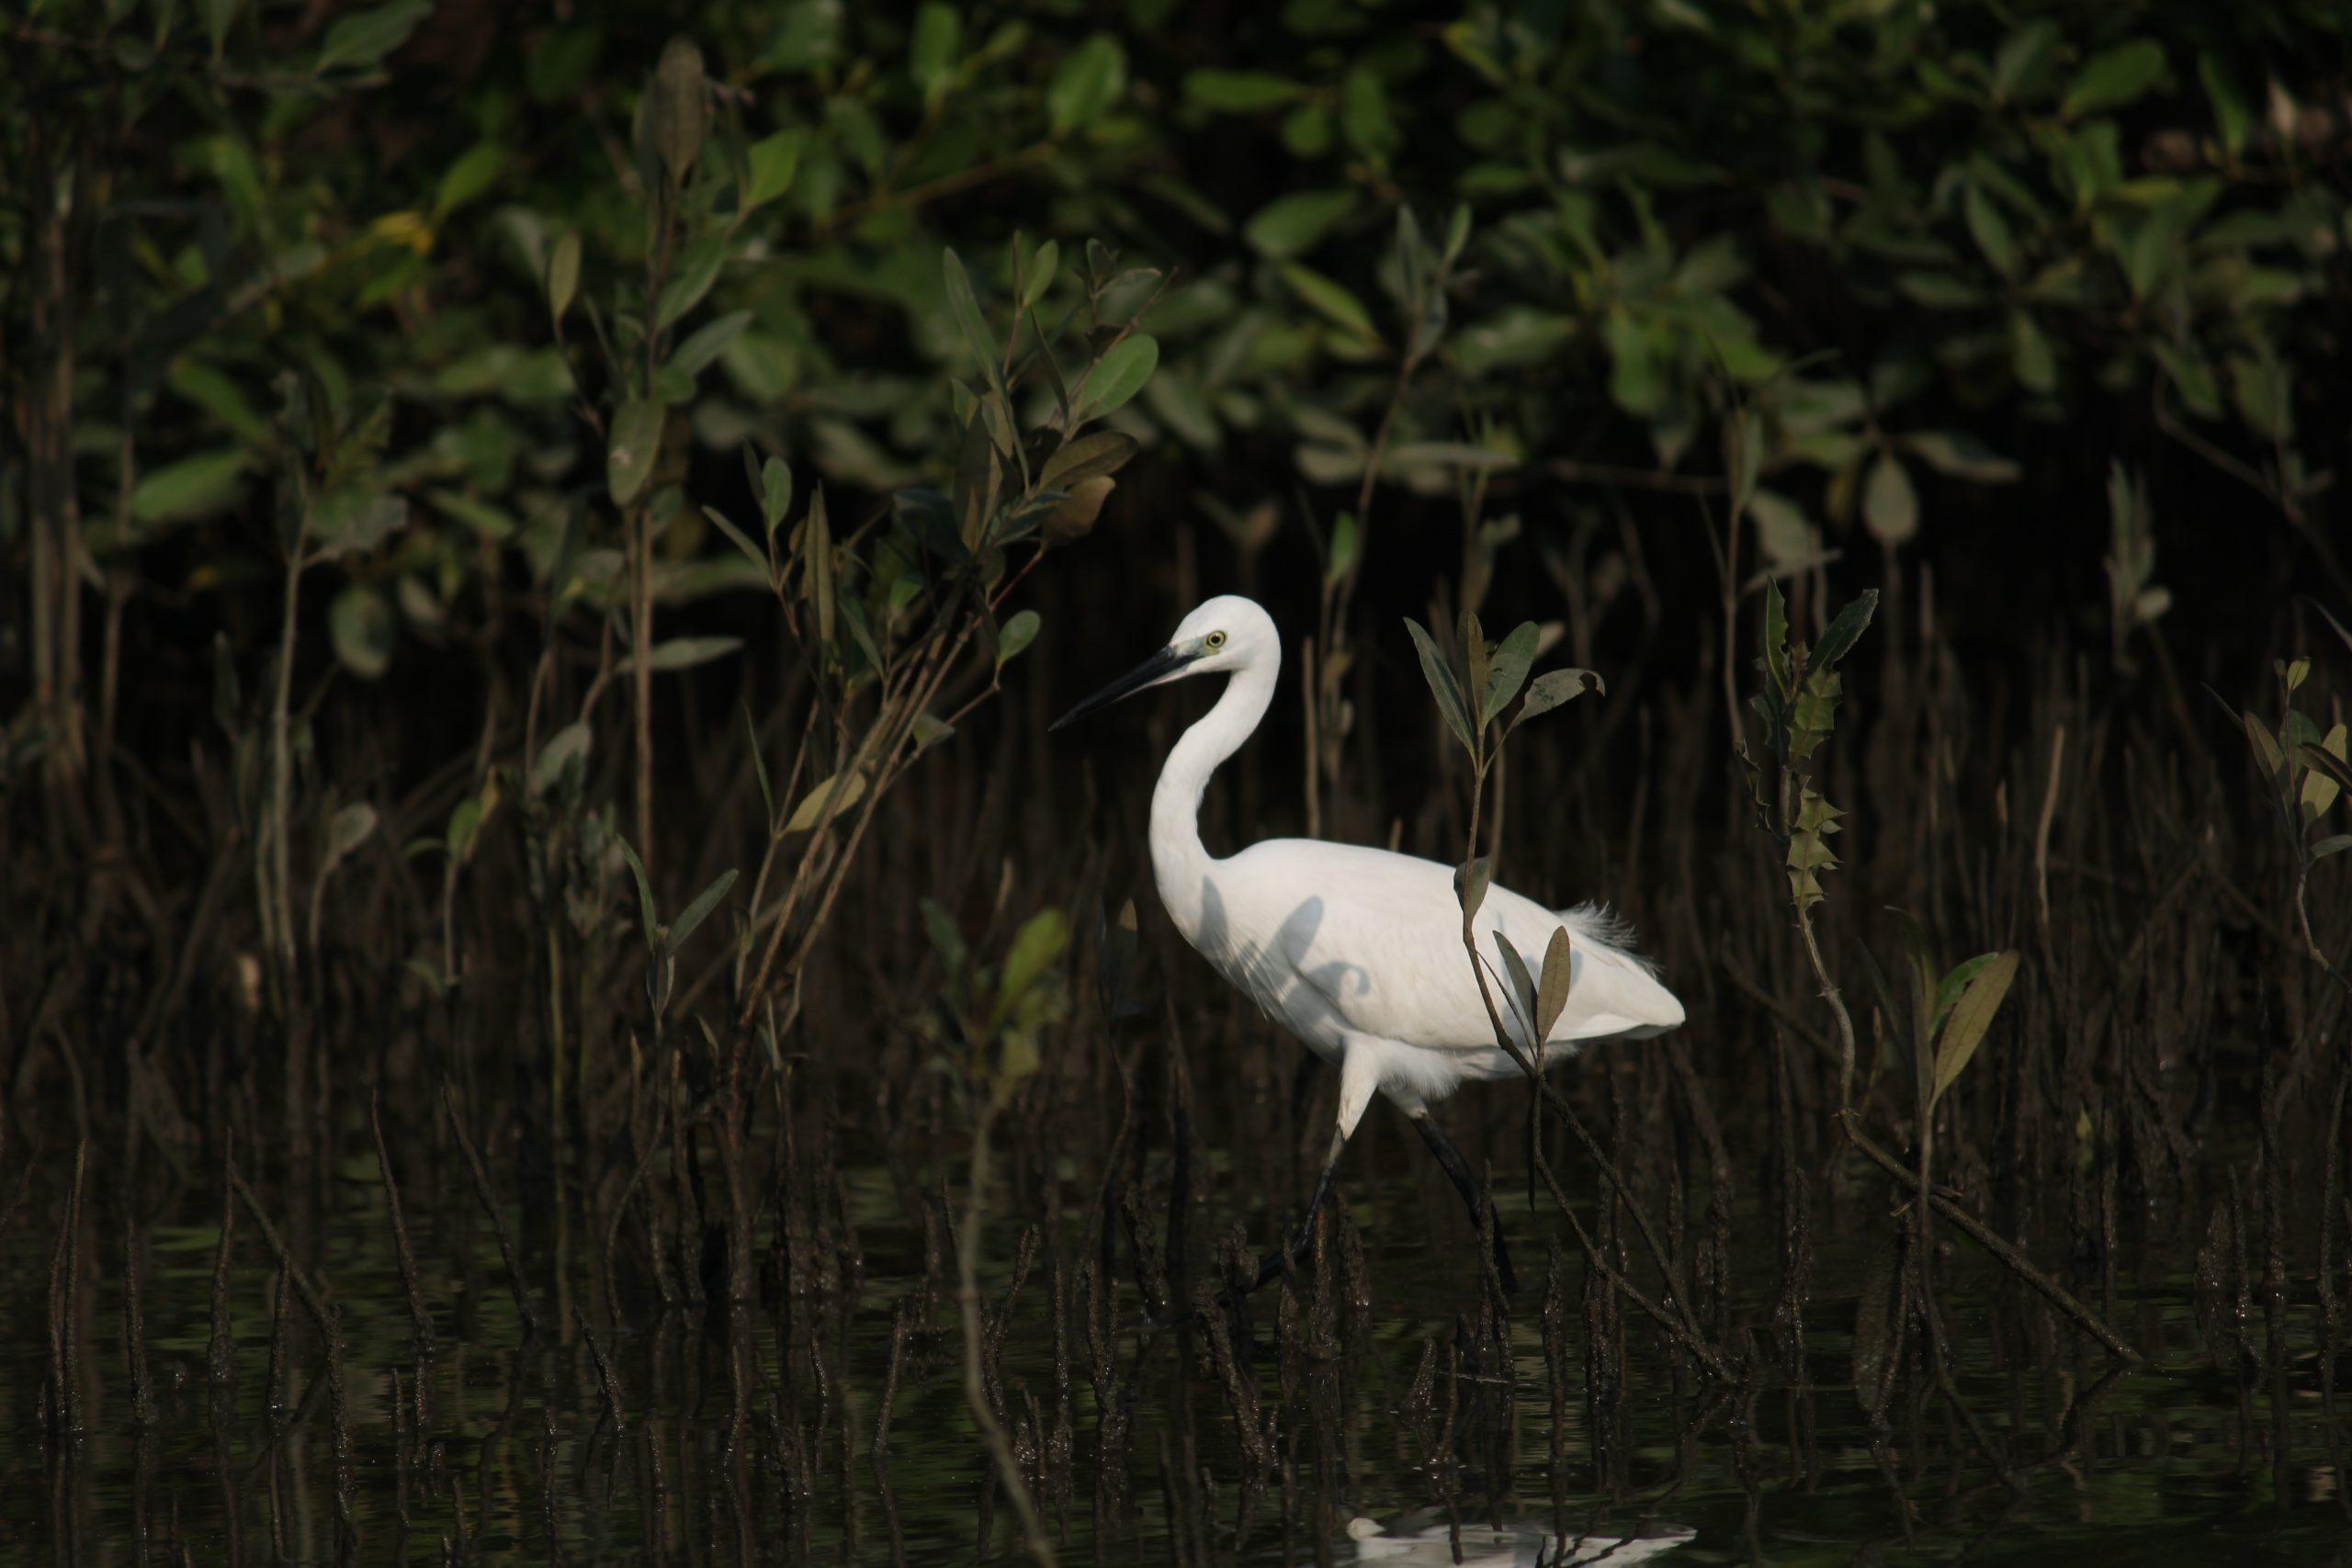 A white crane bird